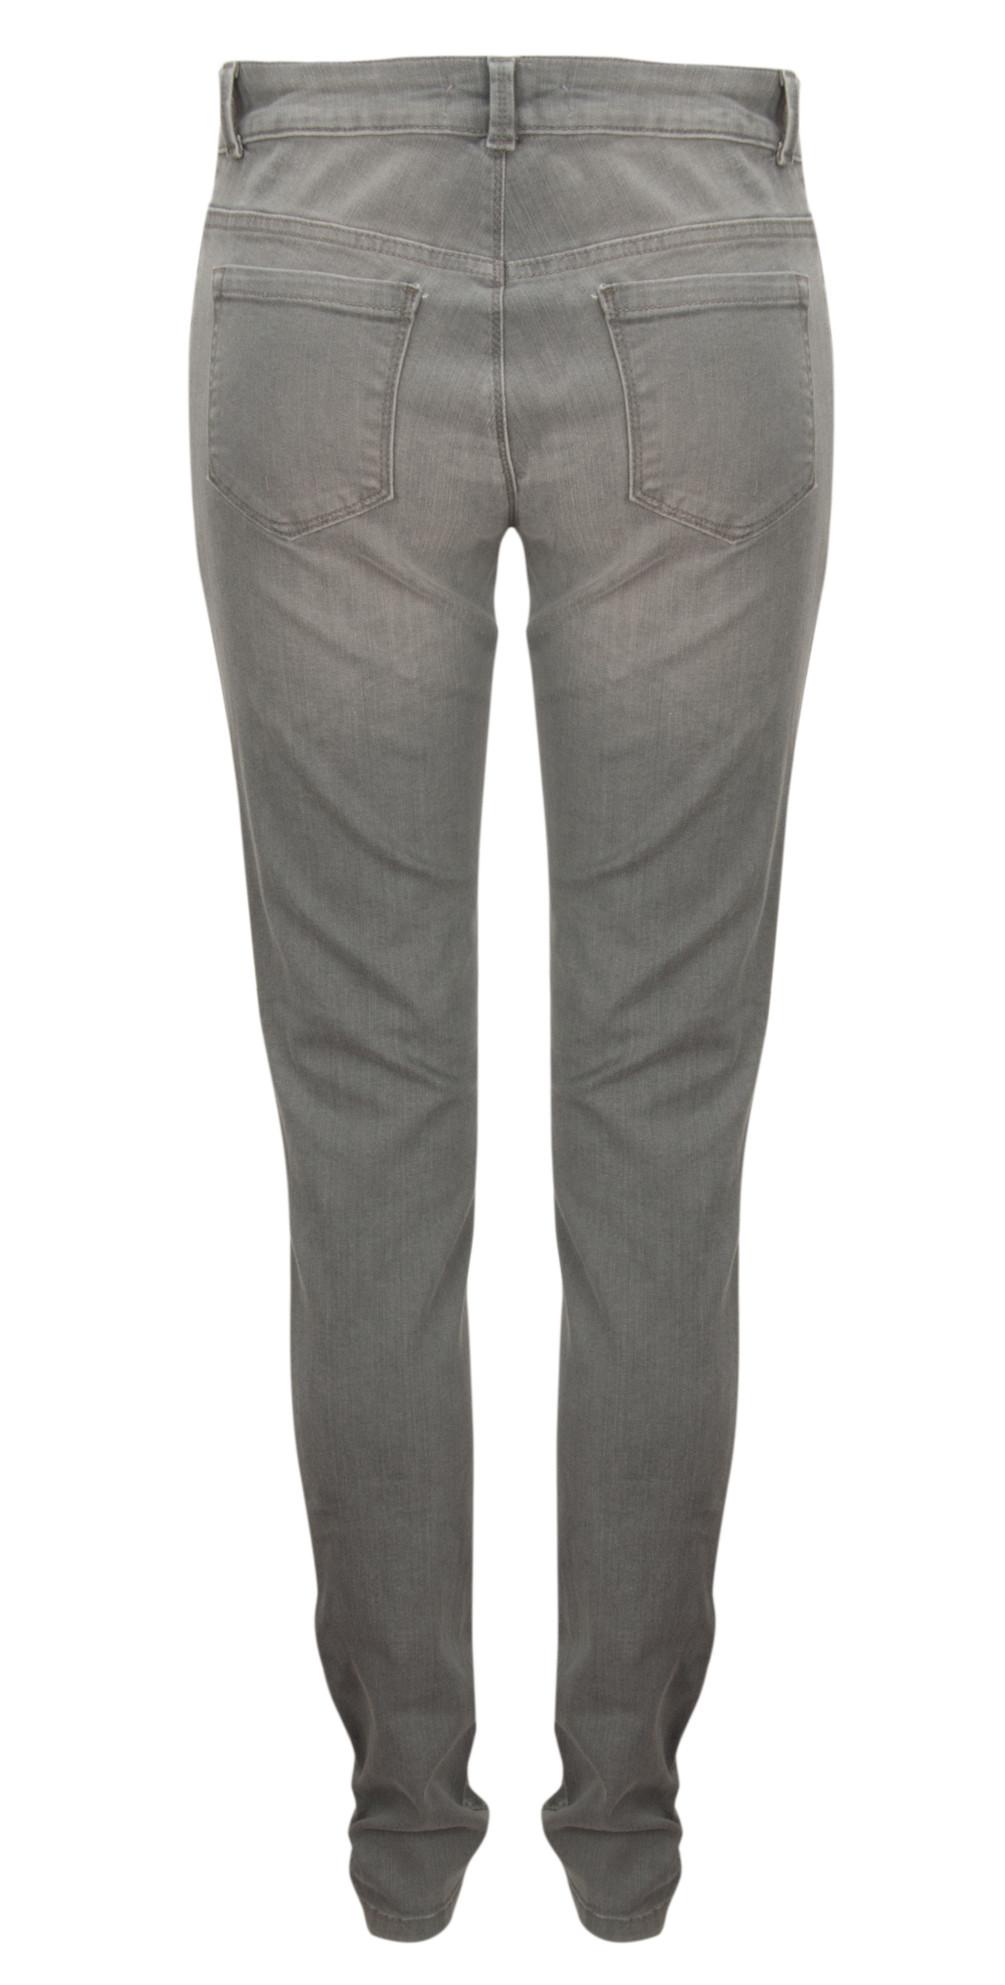 NEW - Basic Light Denim Long Jeans main image